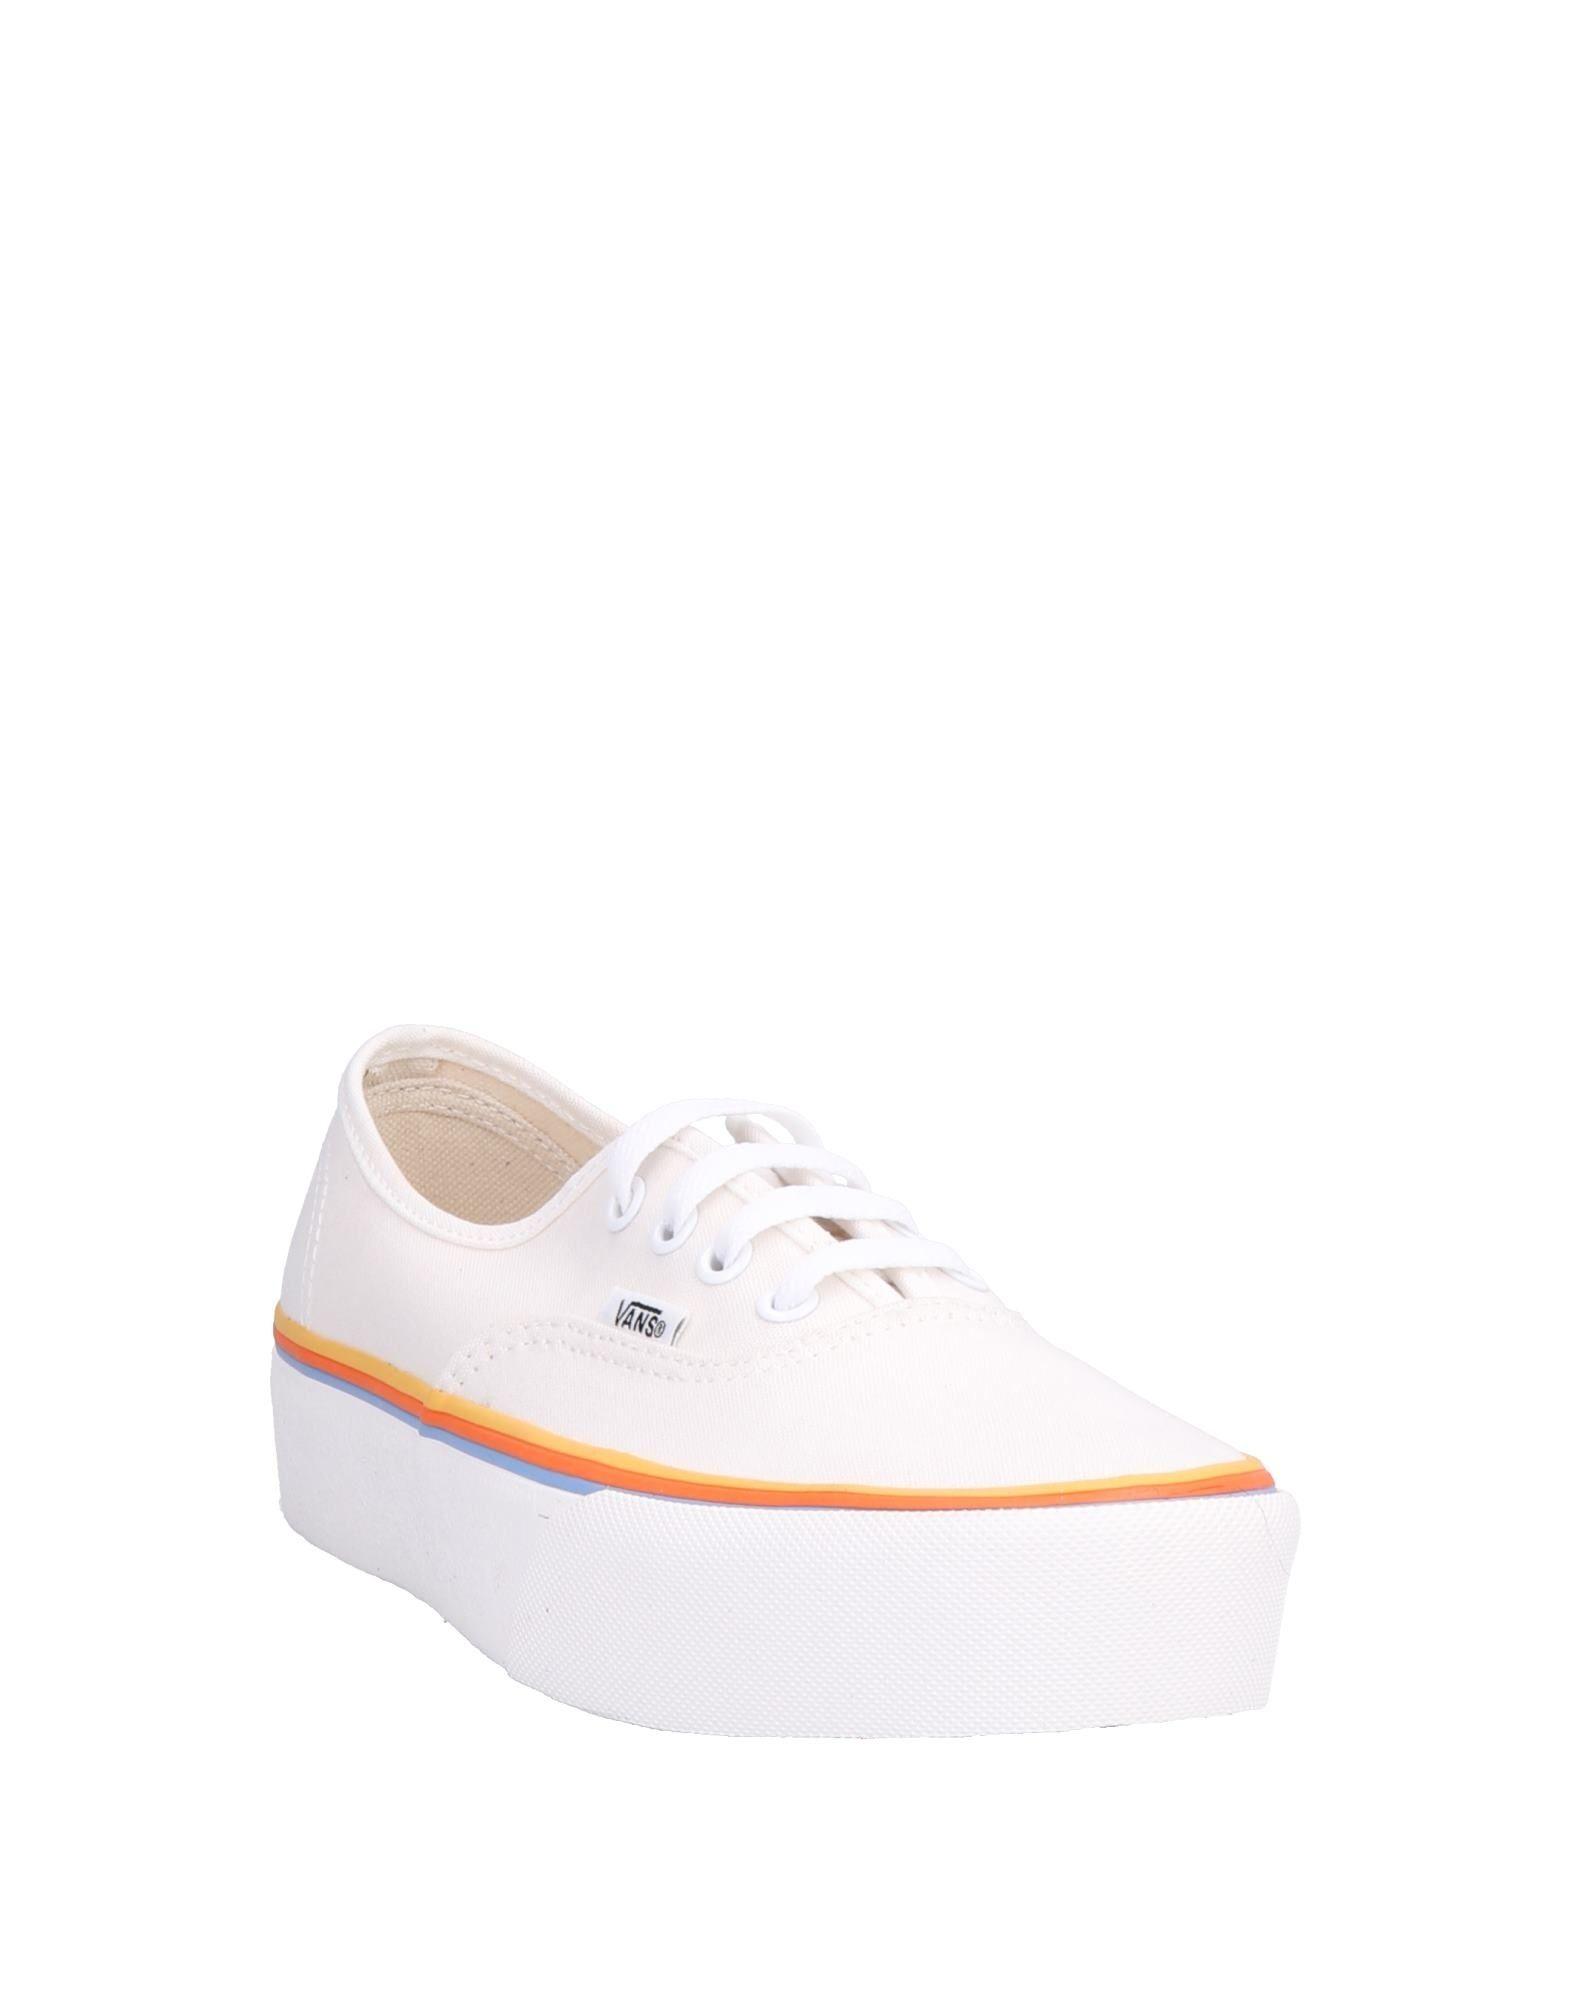 Vans Preis-Leistungs-Verhältnis, Sneakers Damen Gutes Preis-Leistungs-Verhältnis, Vans es lohnt sich 3f2167